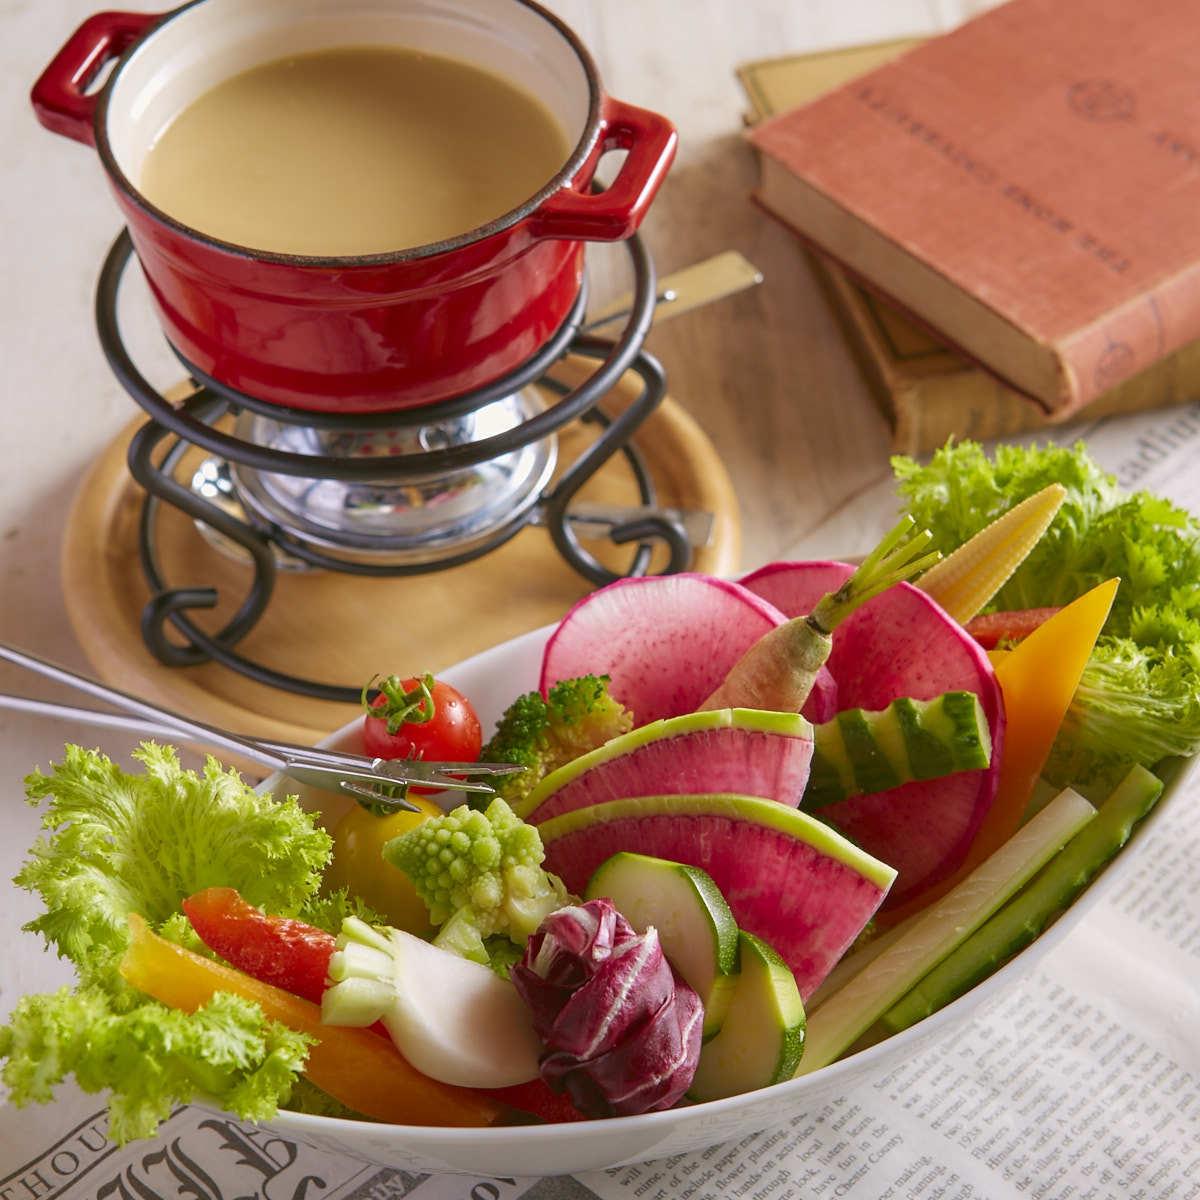 【蔬菜】Bagna cauda